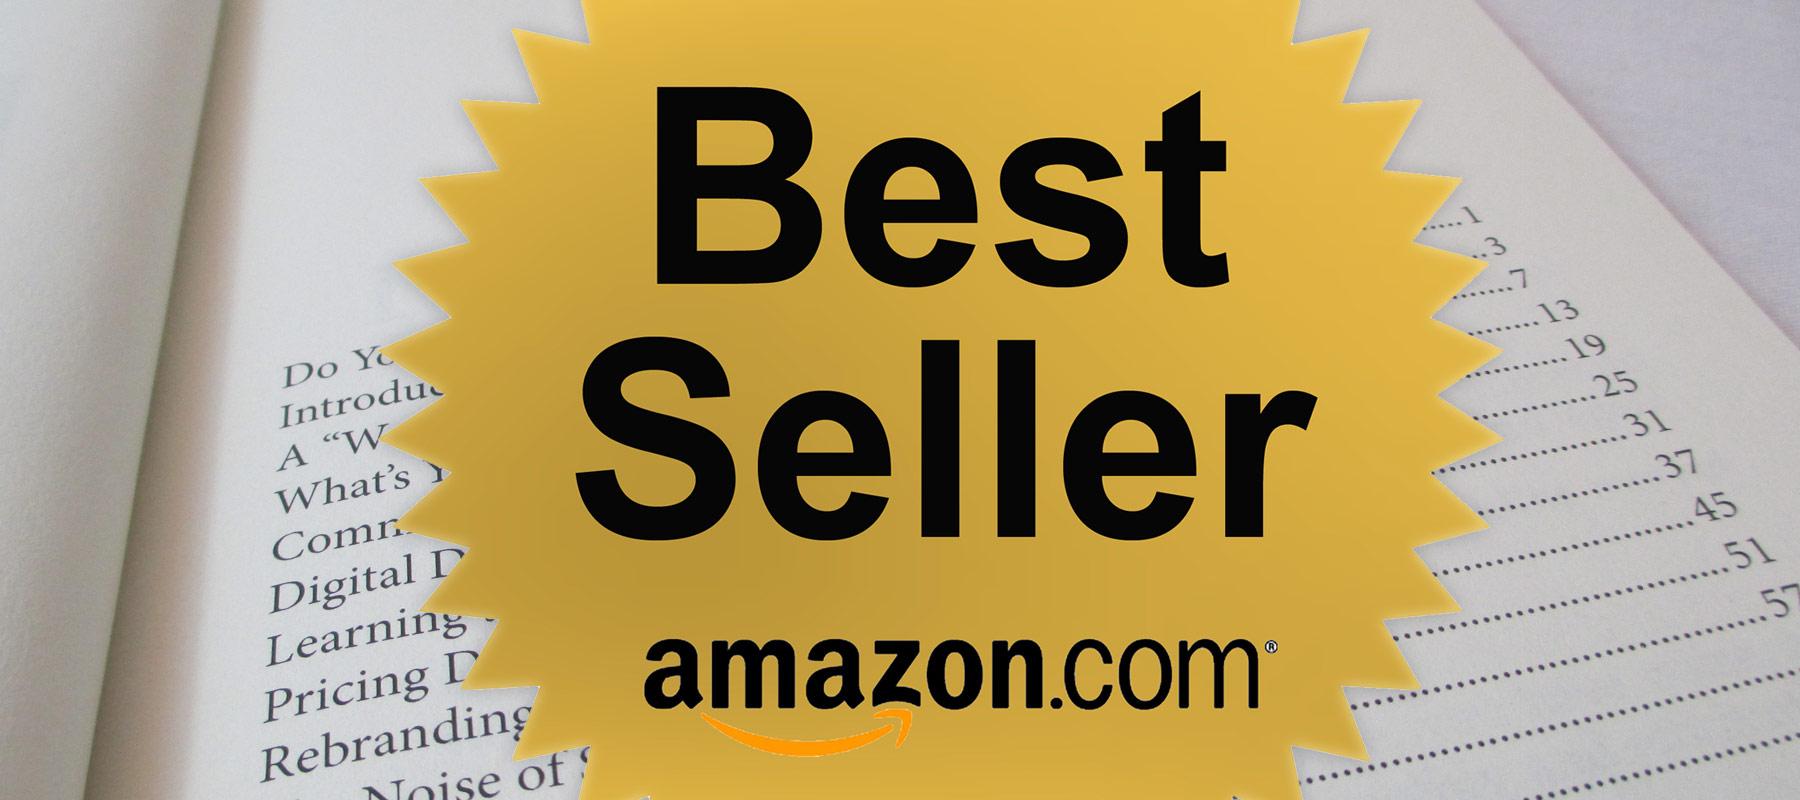 modmacro-book-best-seller-amazon